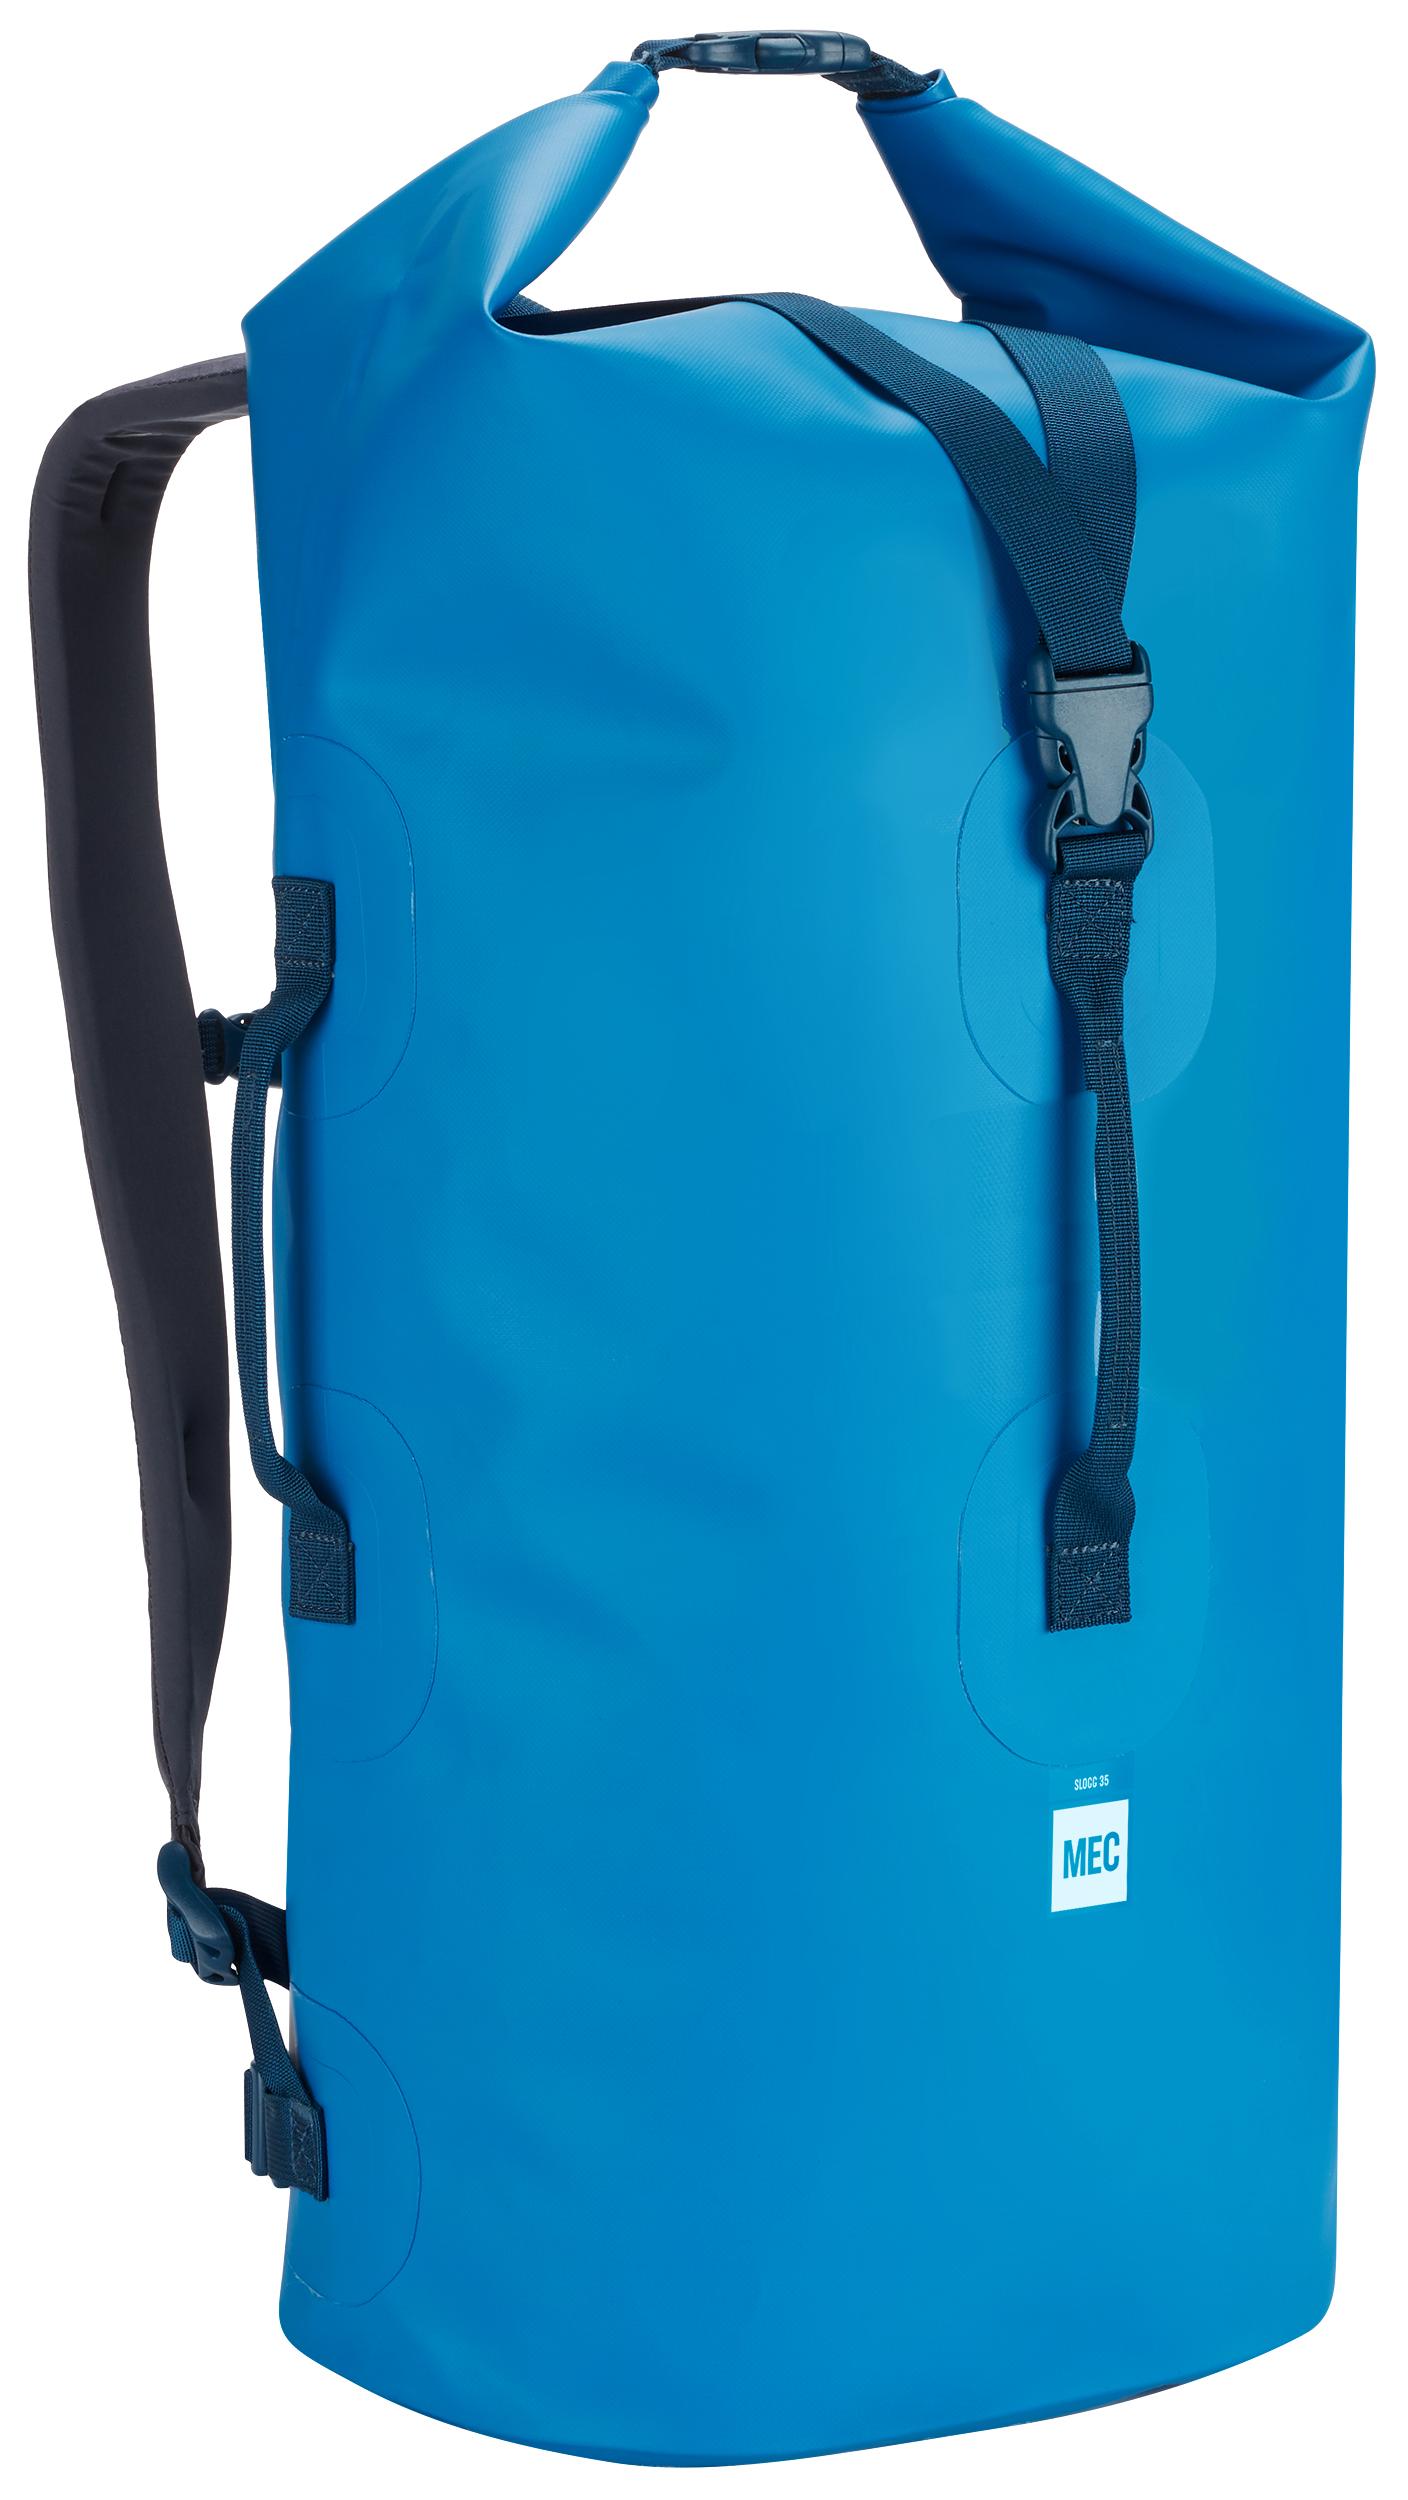 5695dd678f Dry bags